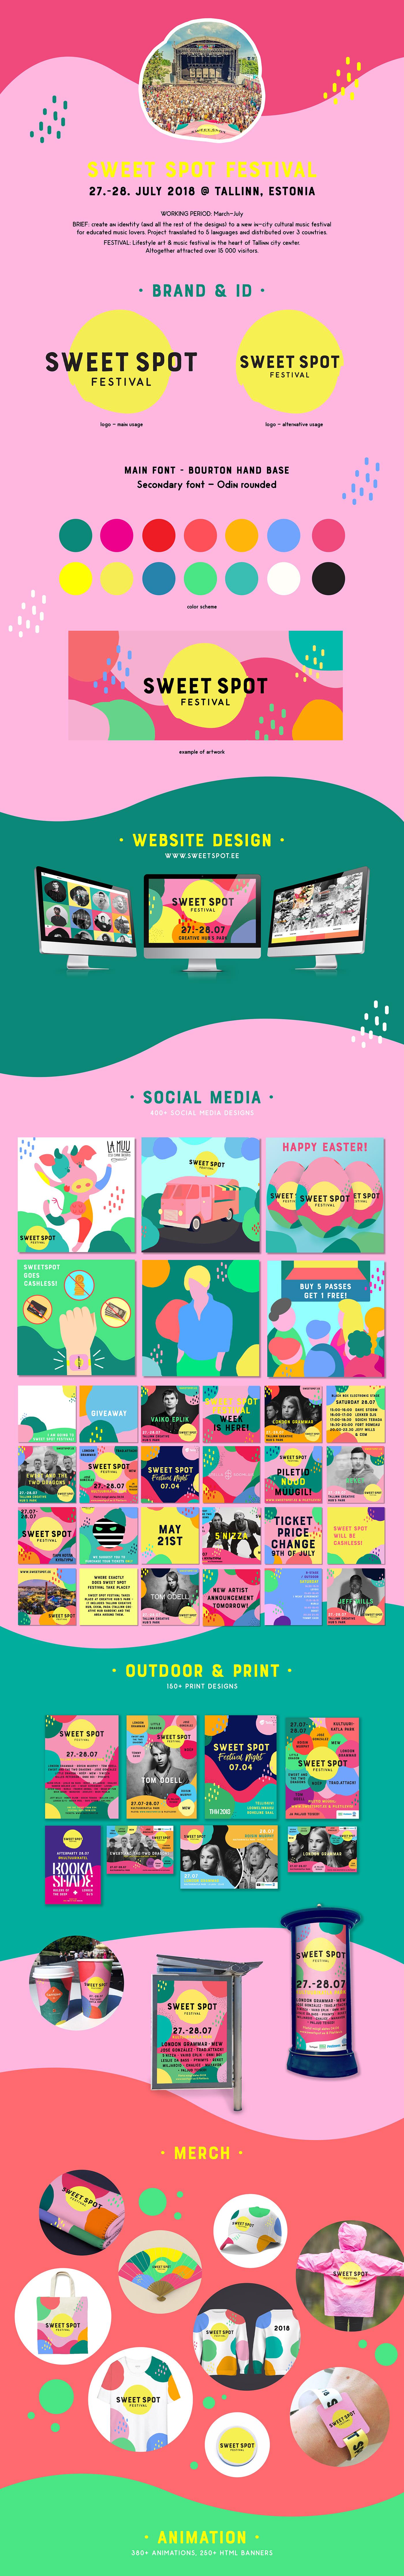 Music Festival Event Design festival summer Fun happy colorful color branding  Estonia